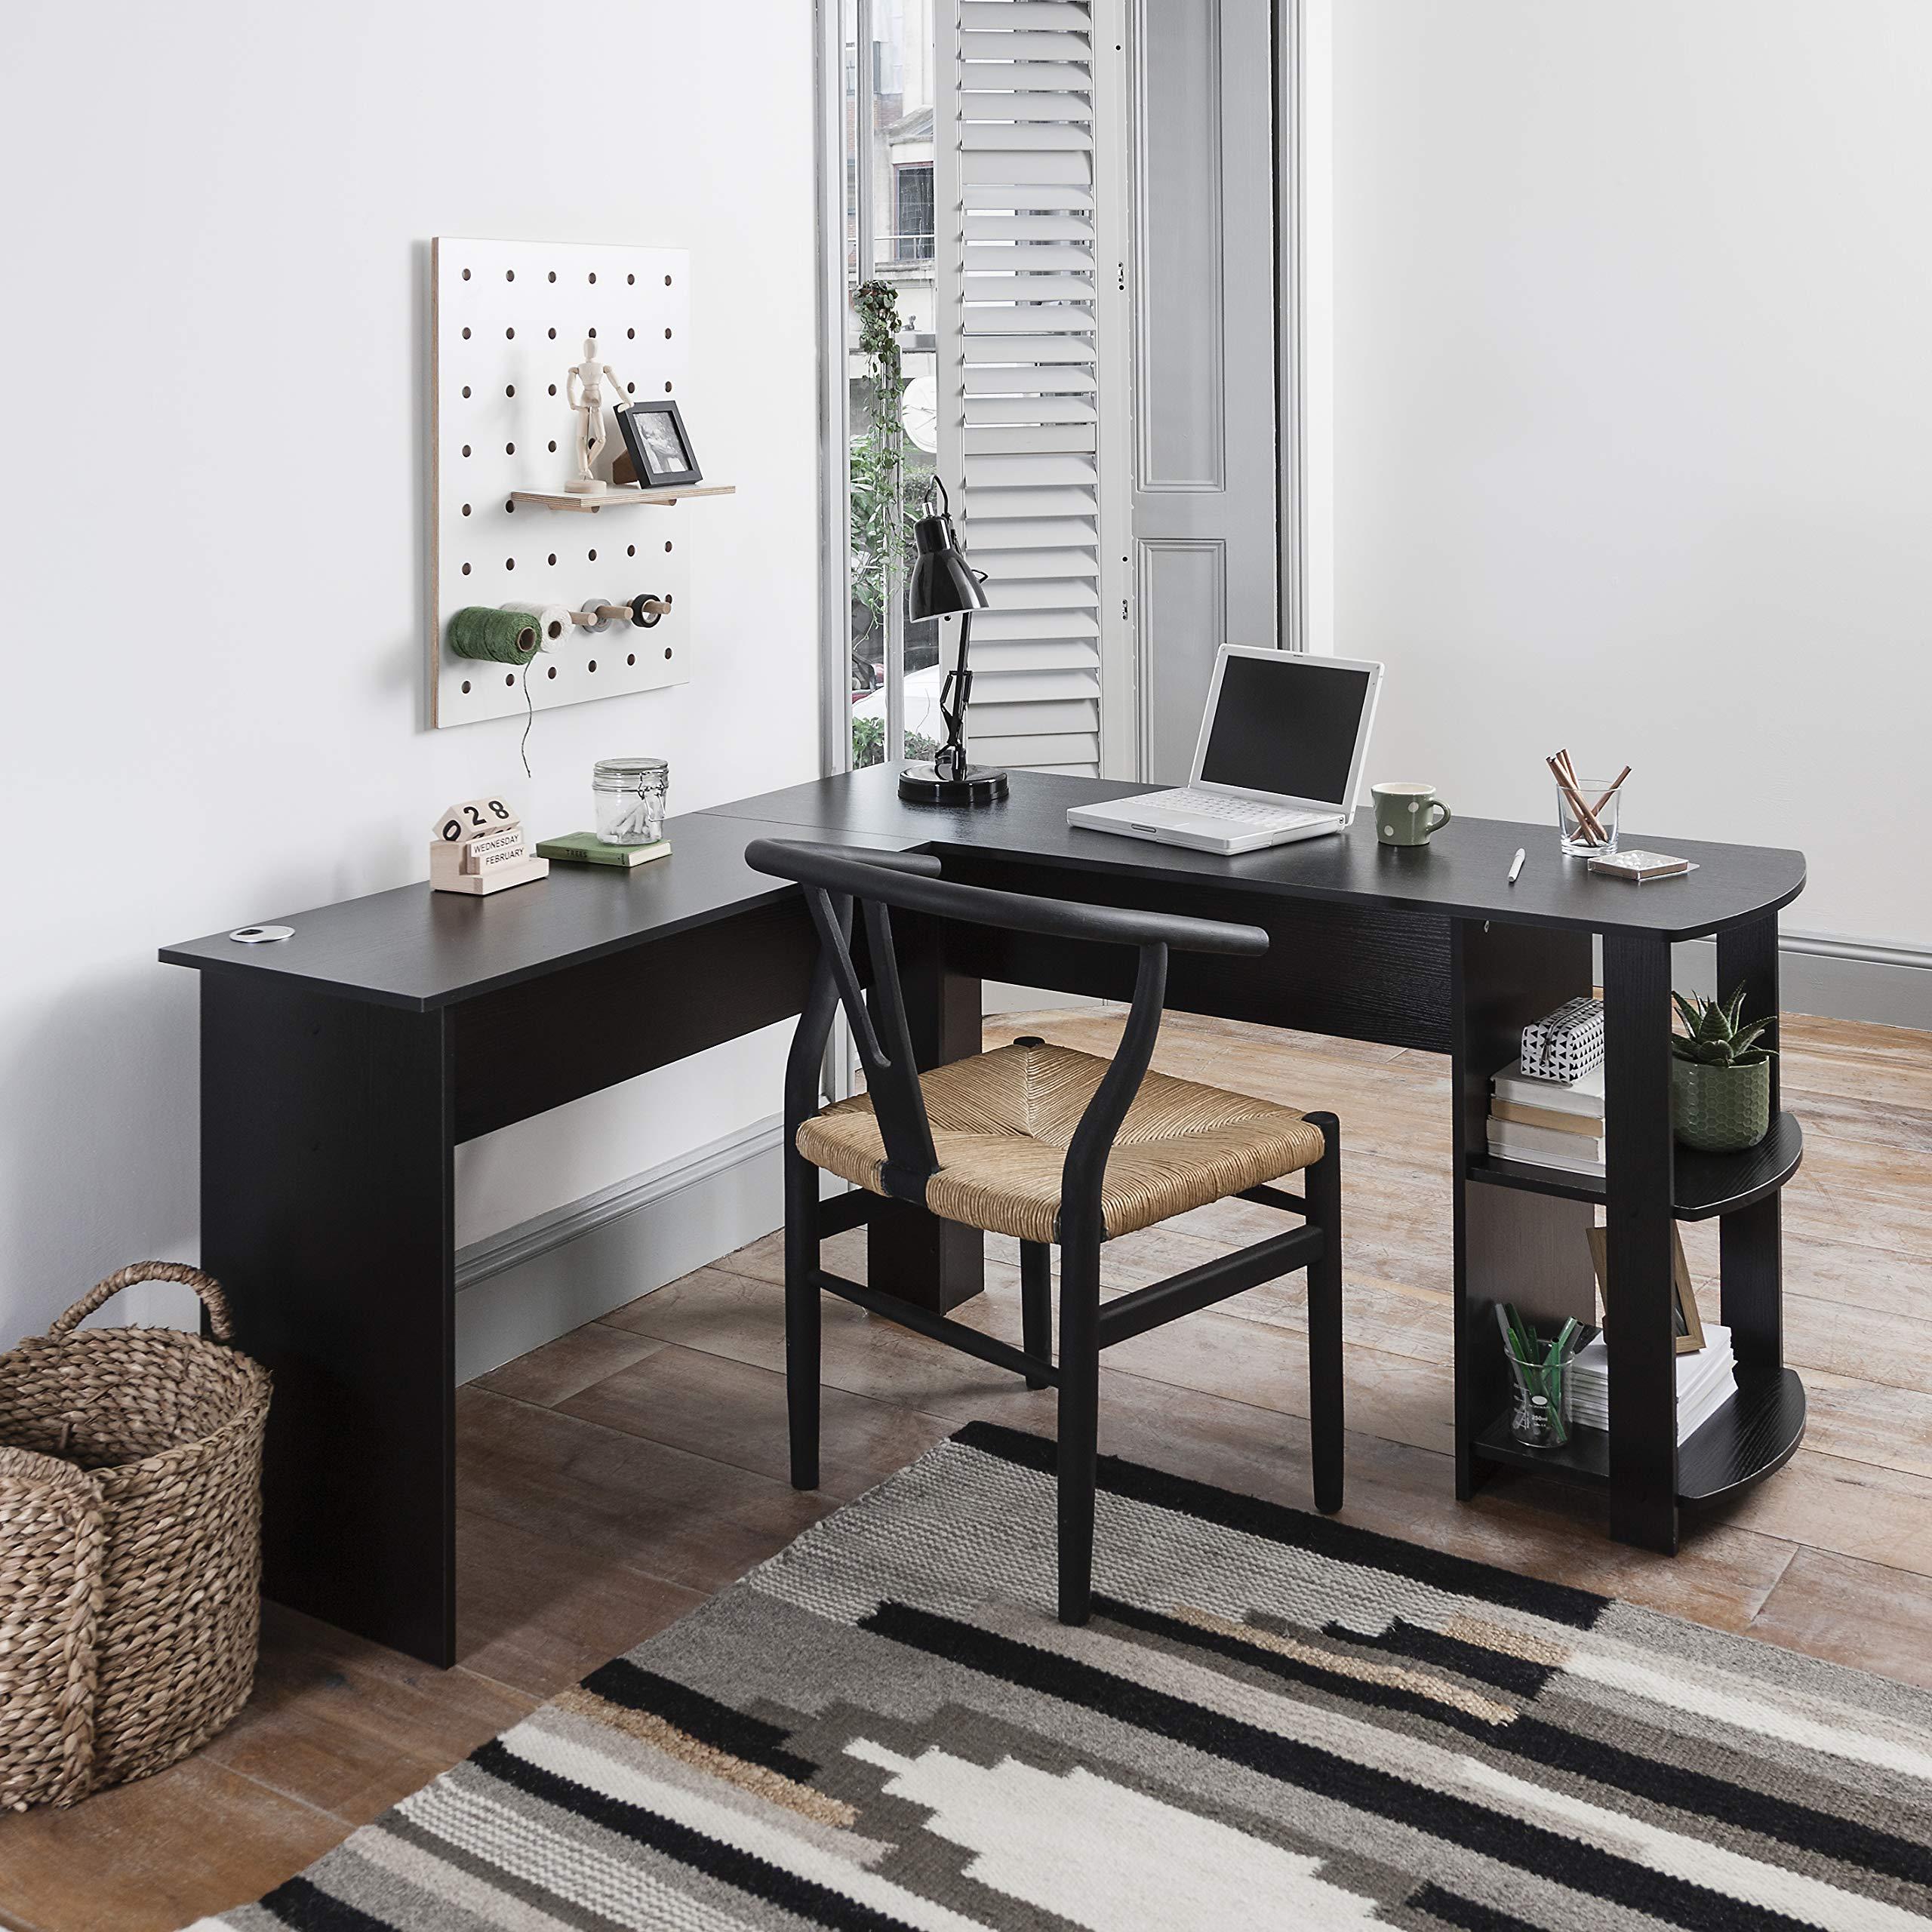 Laura James Black Corner Desk - Computer Desk - Home Office Desk